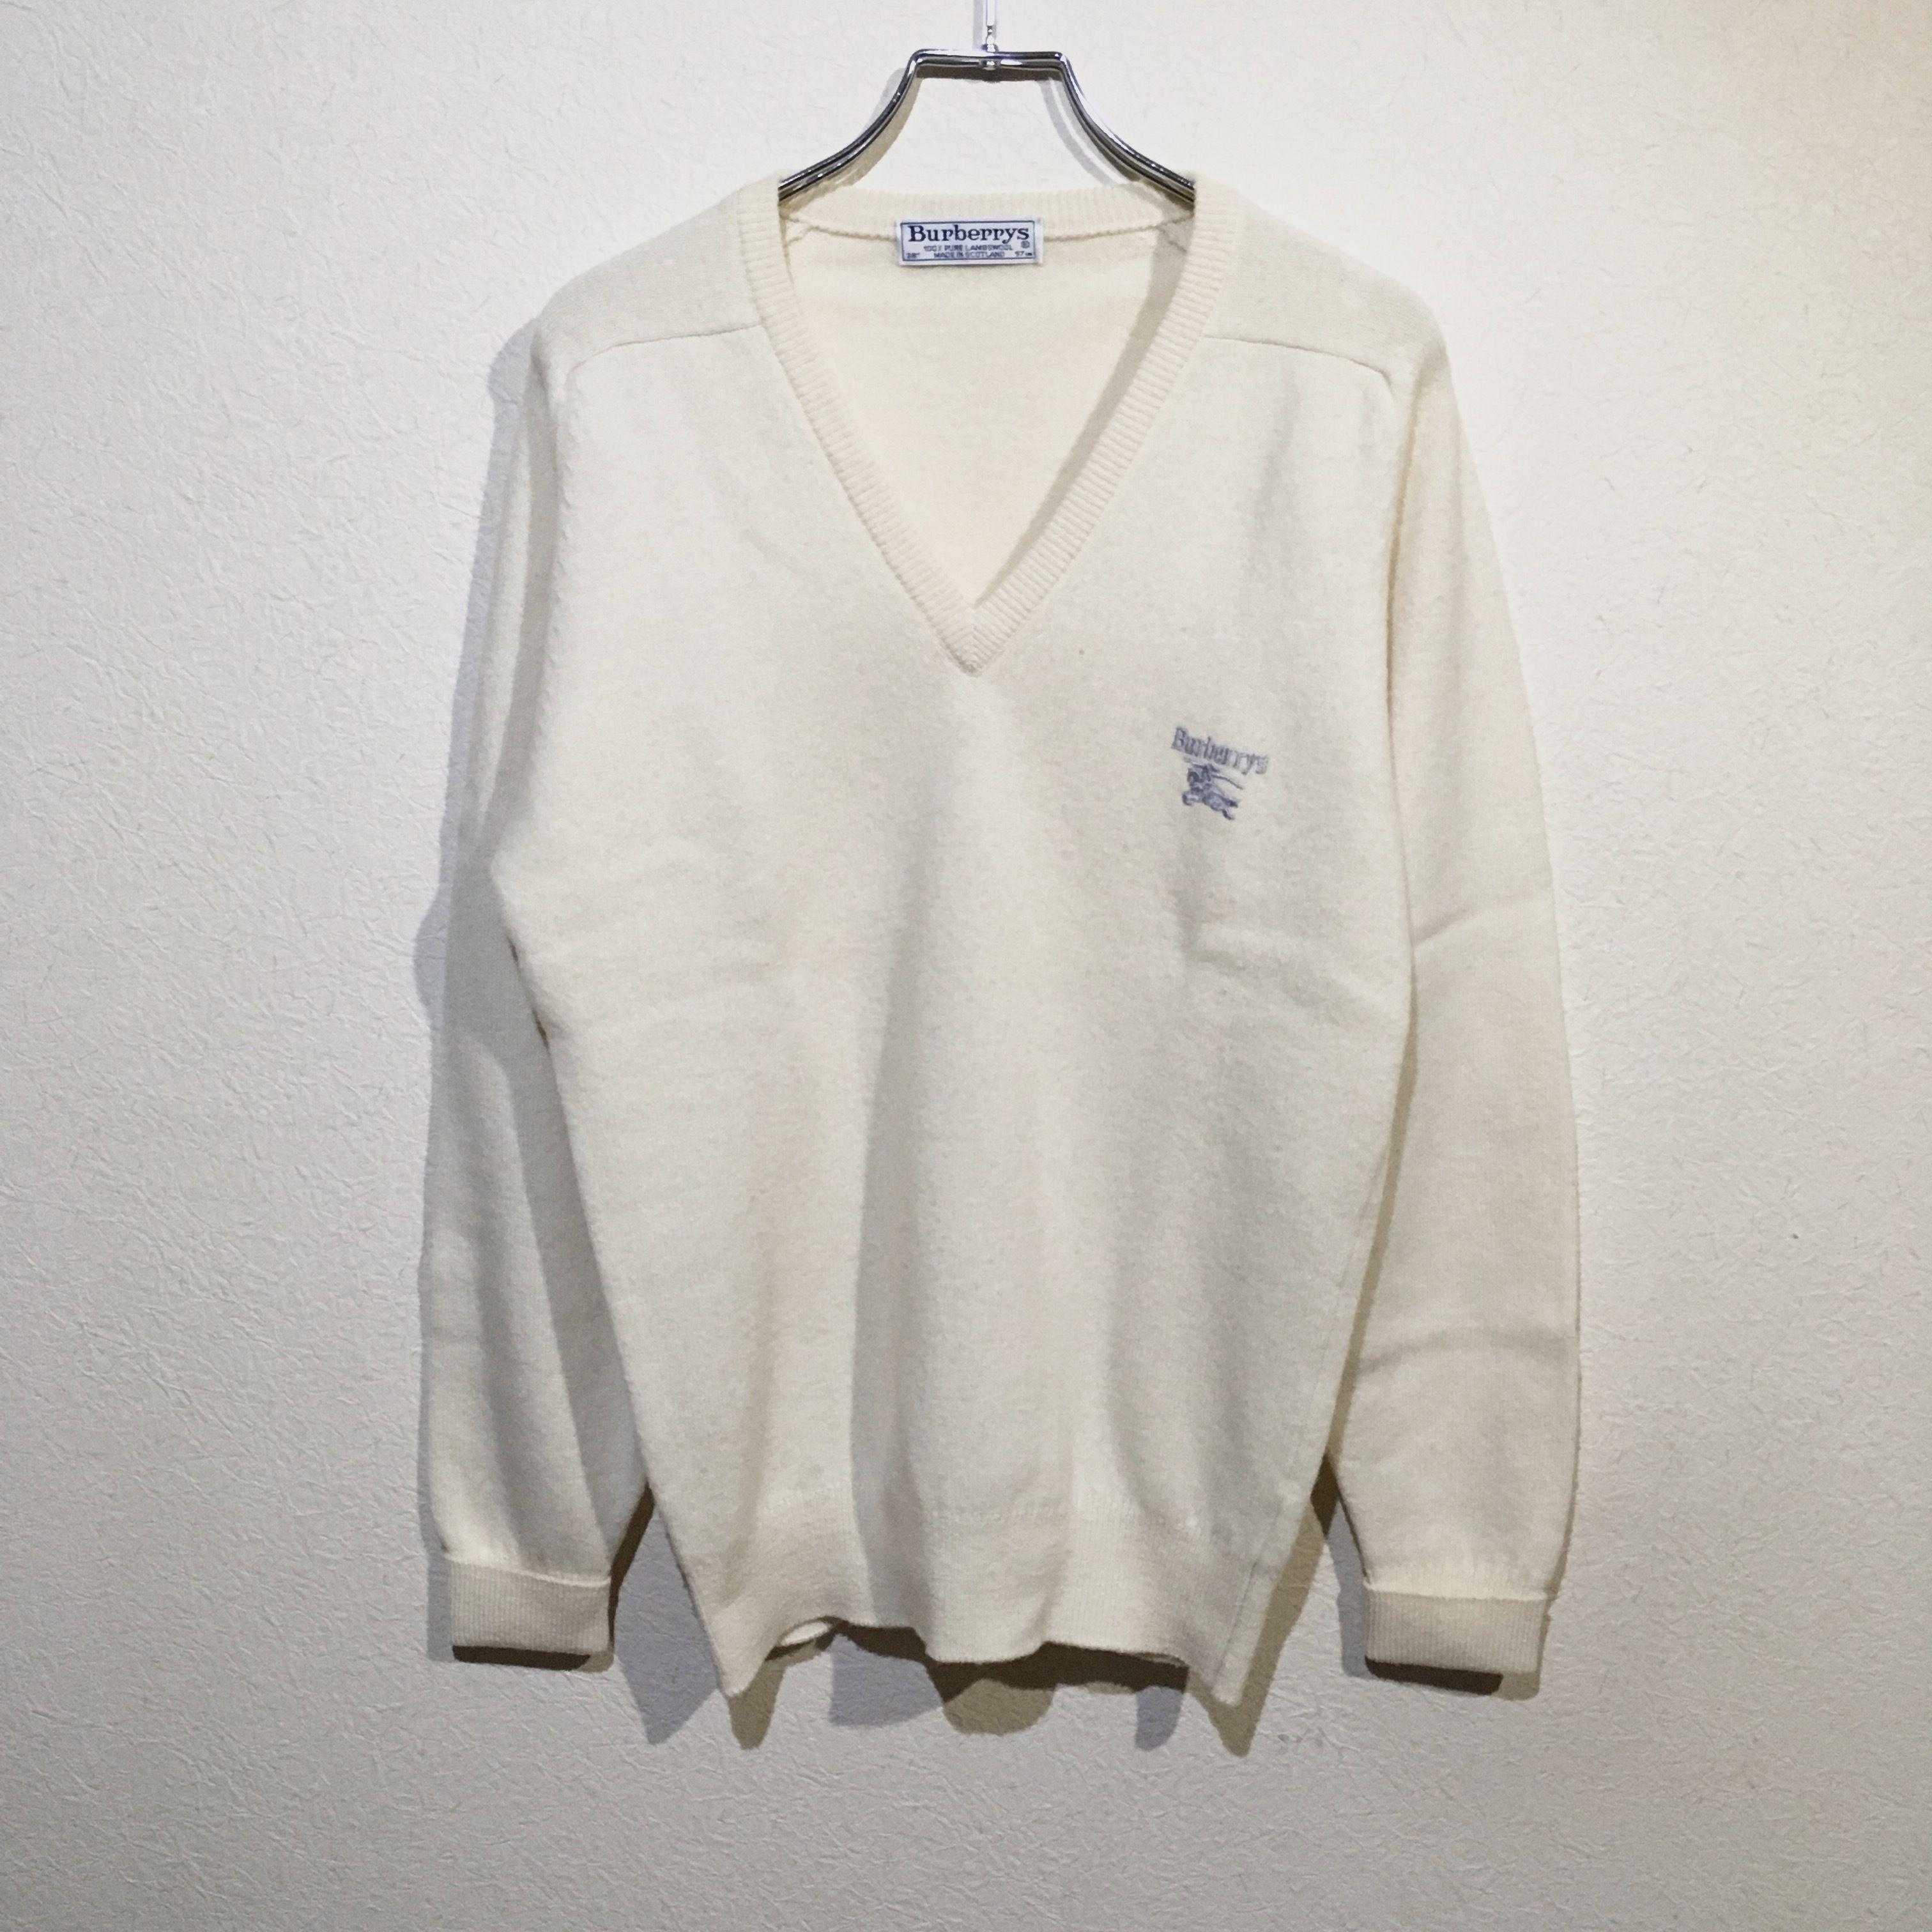 バーバリー Vネック セーター 100% ピュア ラムウール ビンテージ スコットランド製 ホワイト